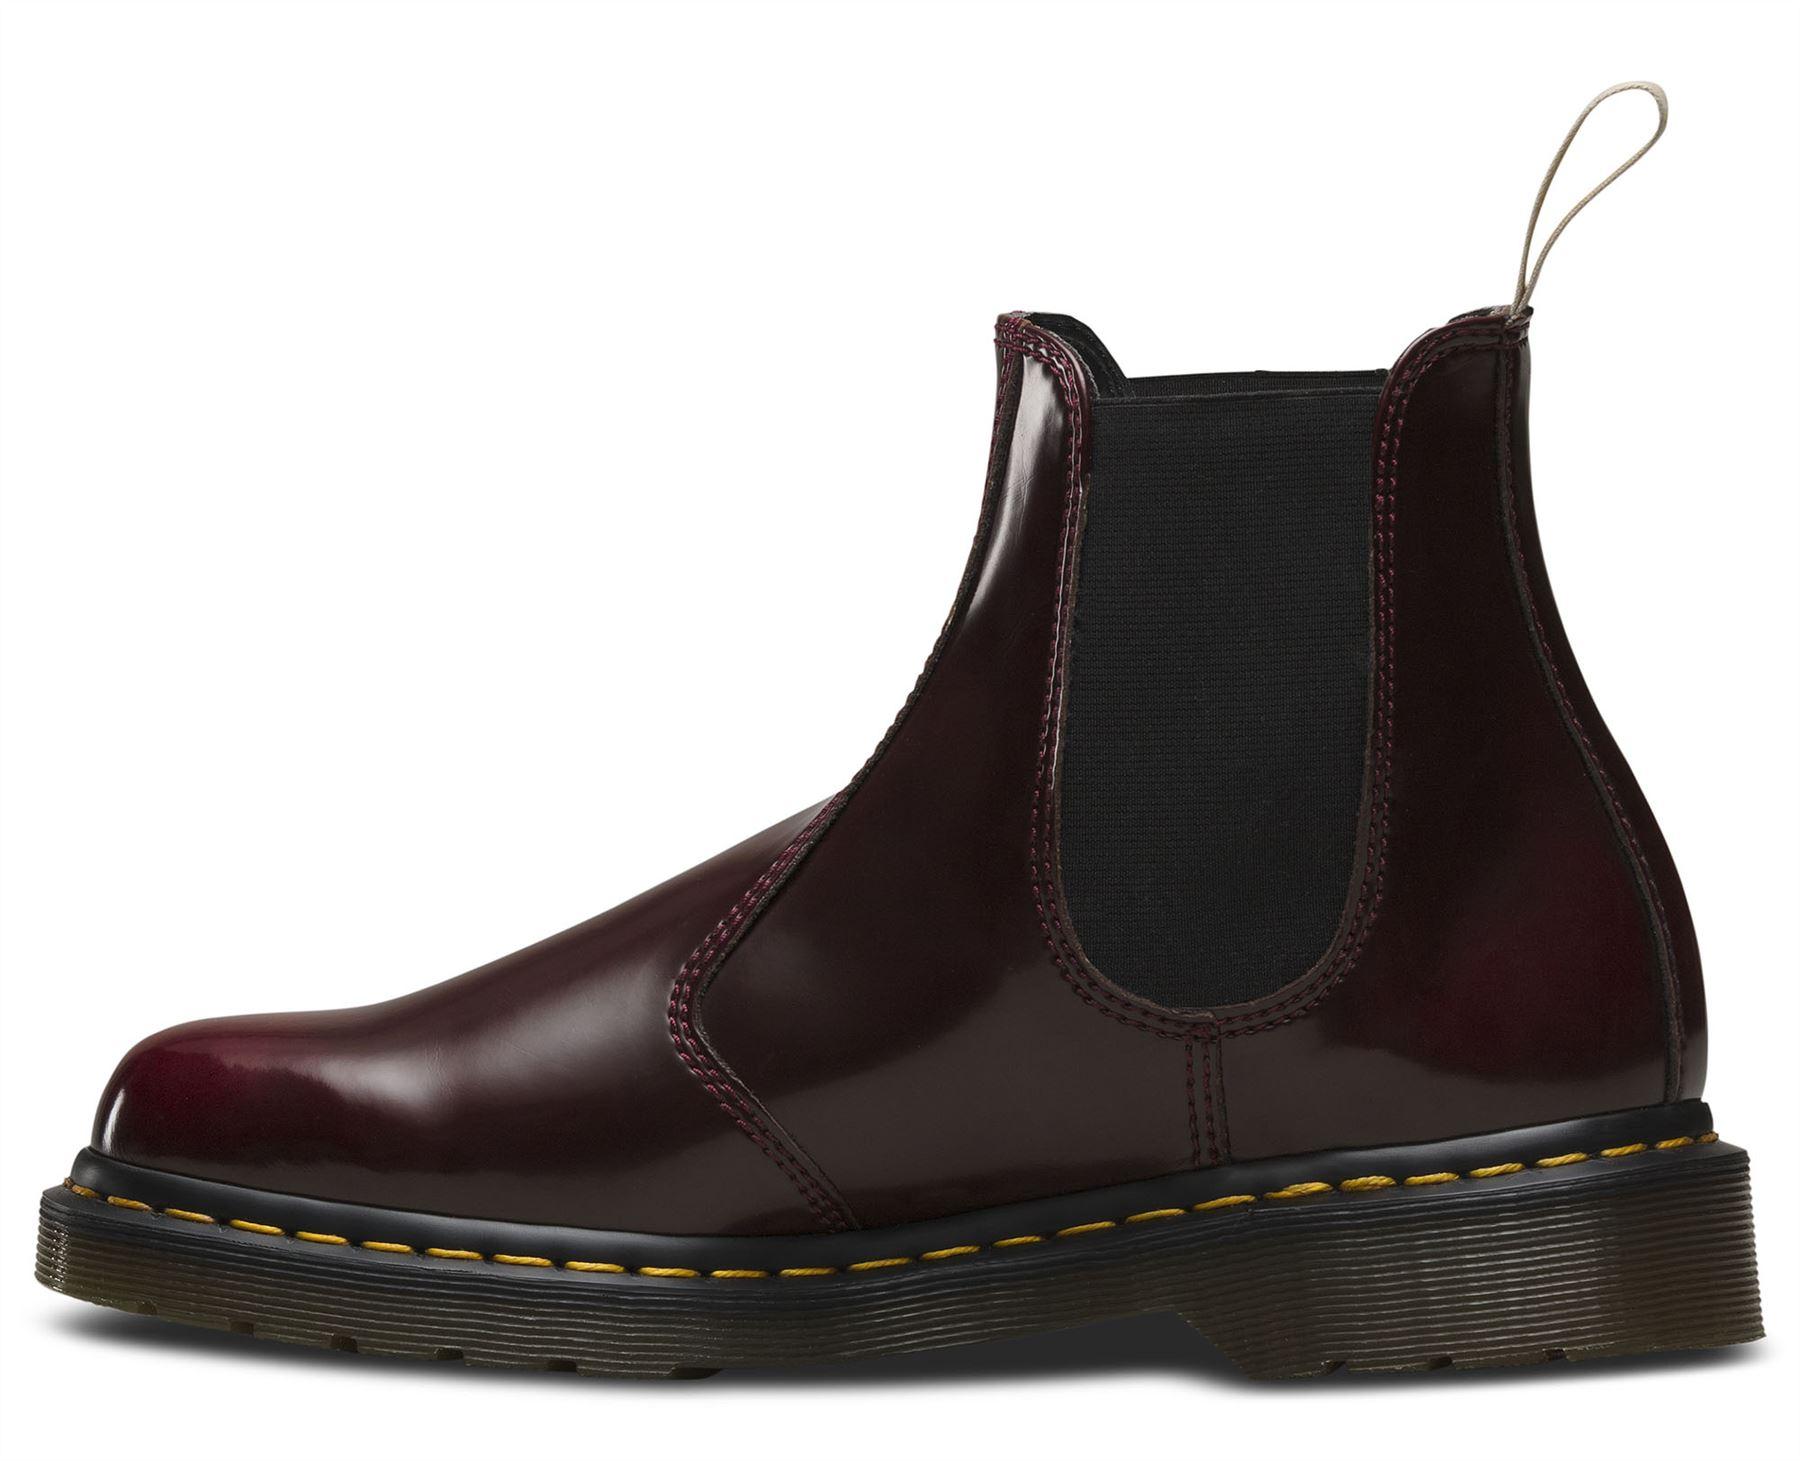 dr martens unisex adult 2976 vegan vegetarian chelsea dealer ankle boots. Black Bedroom Furniture Sets. Home Design Ideas